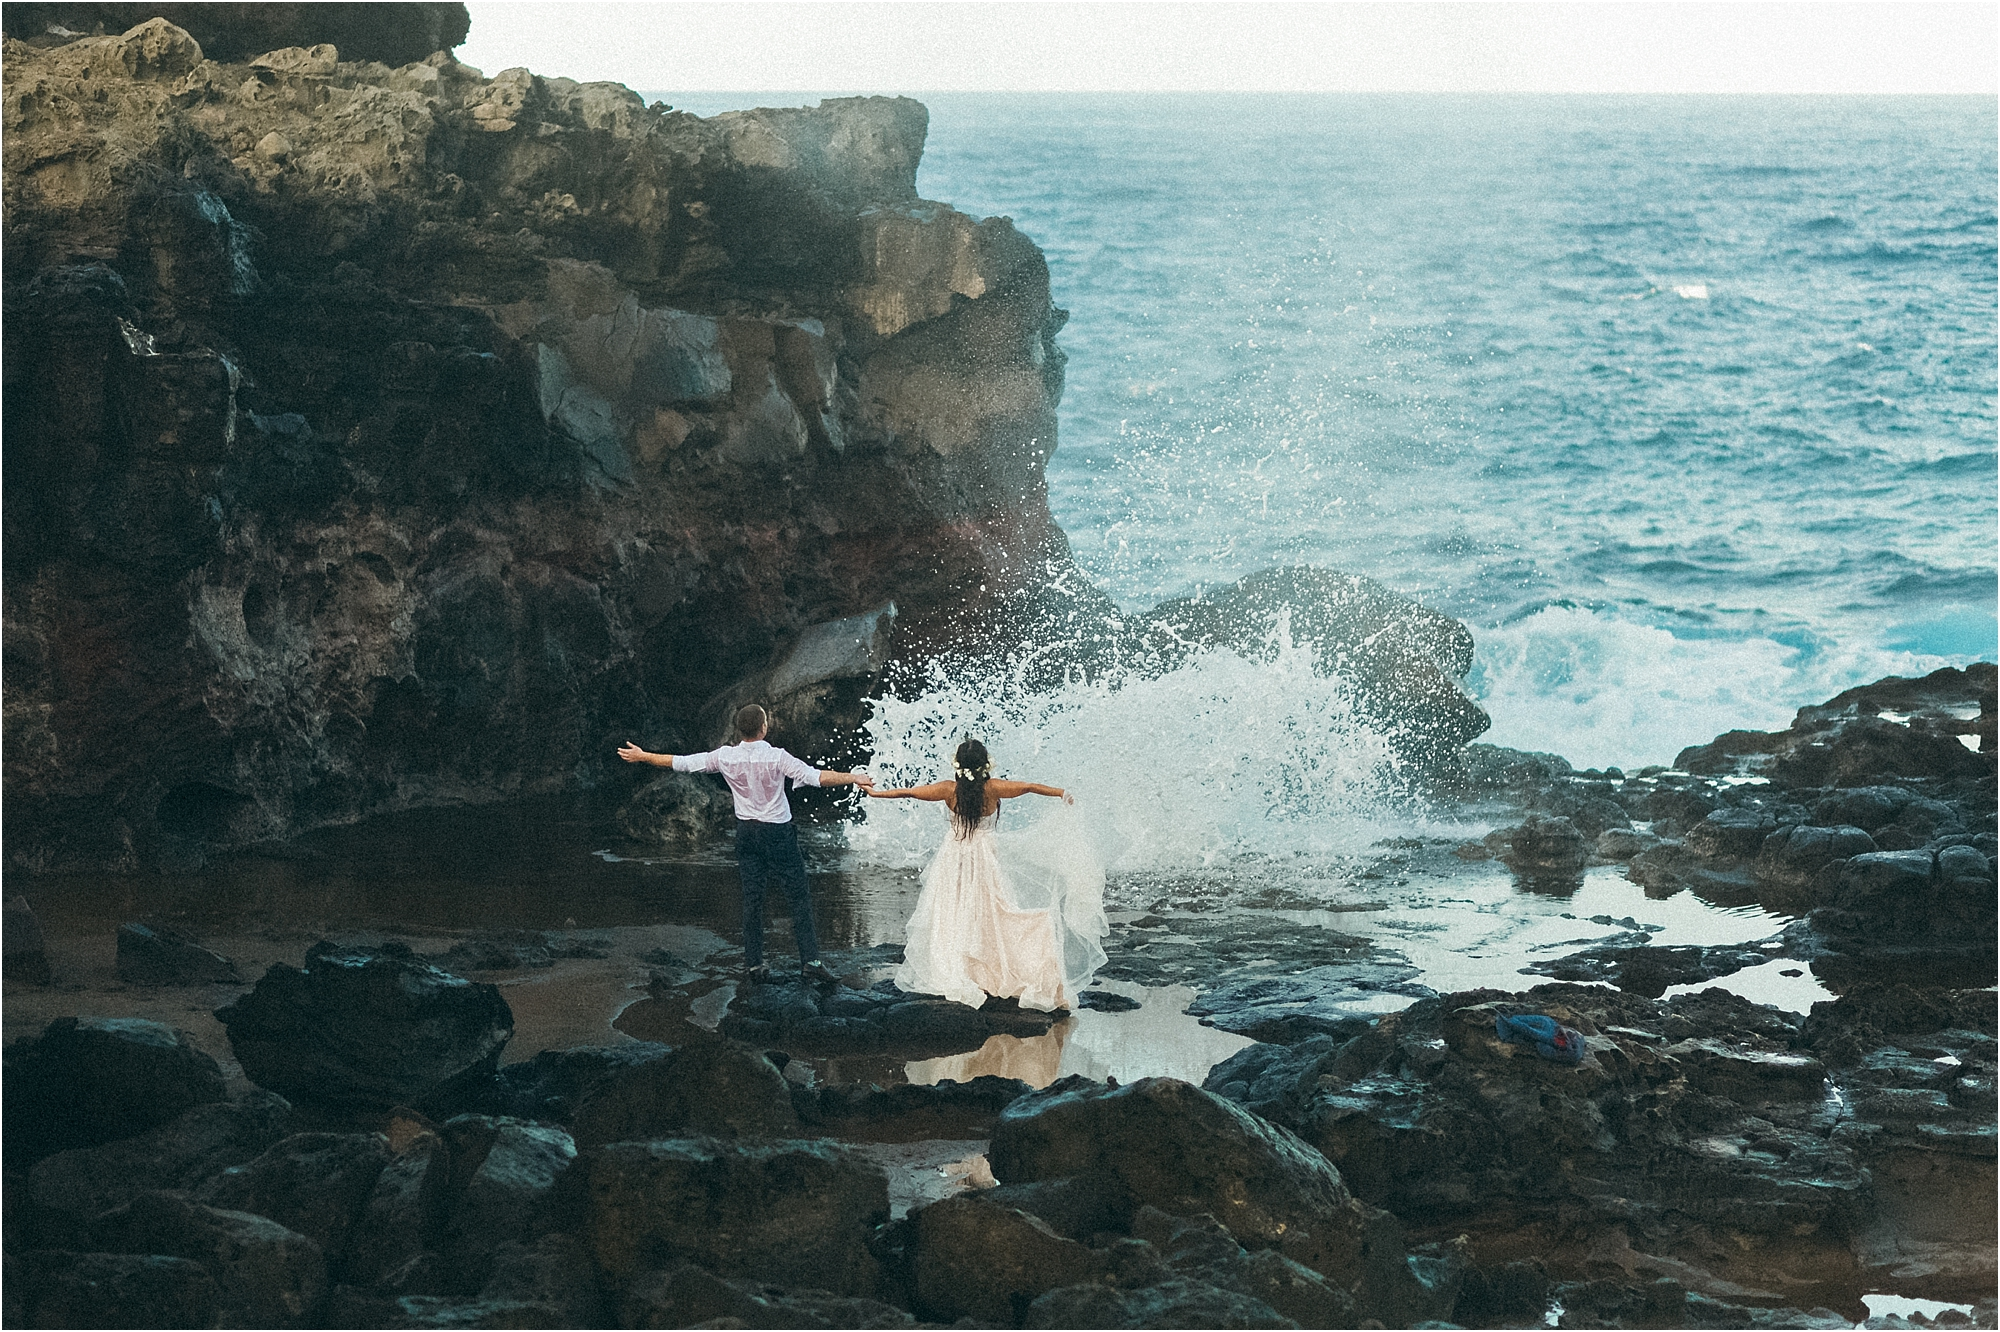 angie-diaz-photography-maui-wedding-nakalele-blowhole_0029.jpg